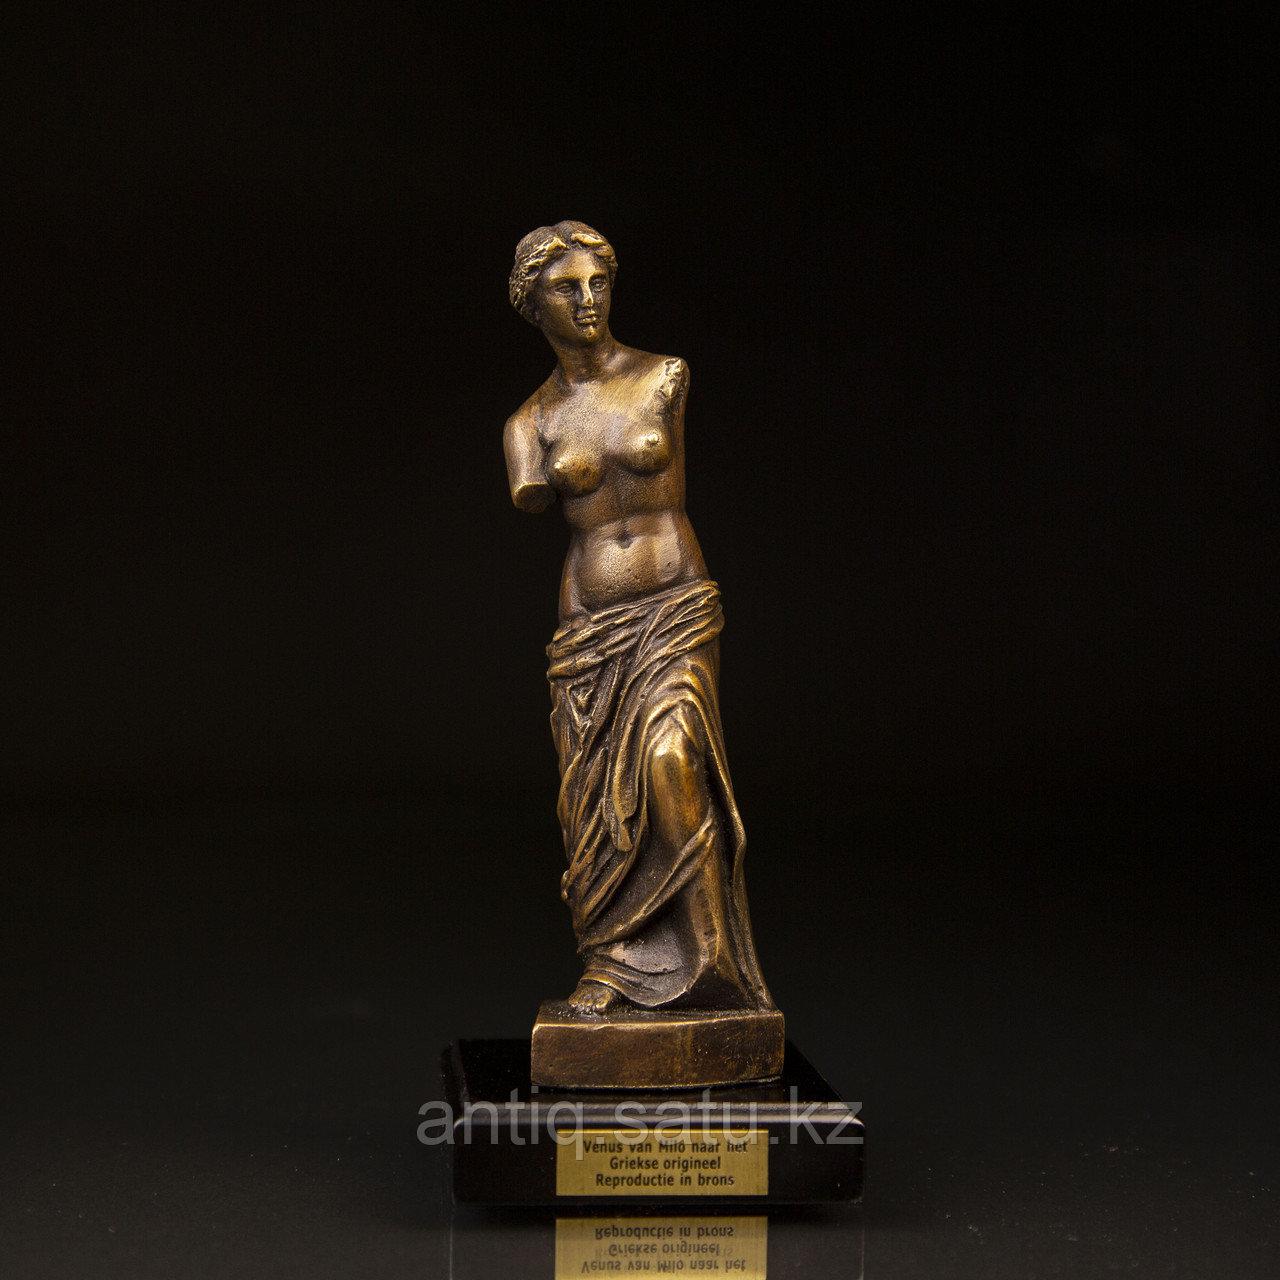 Коллекционная миниатюра «Венера Милосская». Бронза, литье Имеется сертификат. Франция. Конец ХХ века. - фото 1